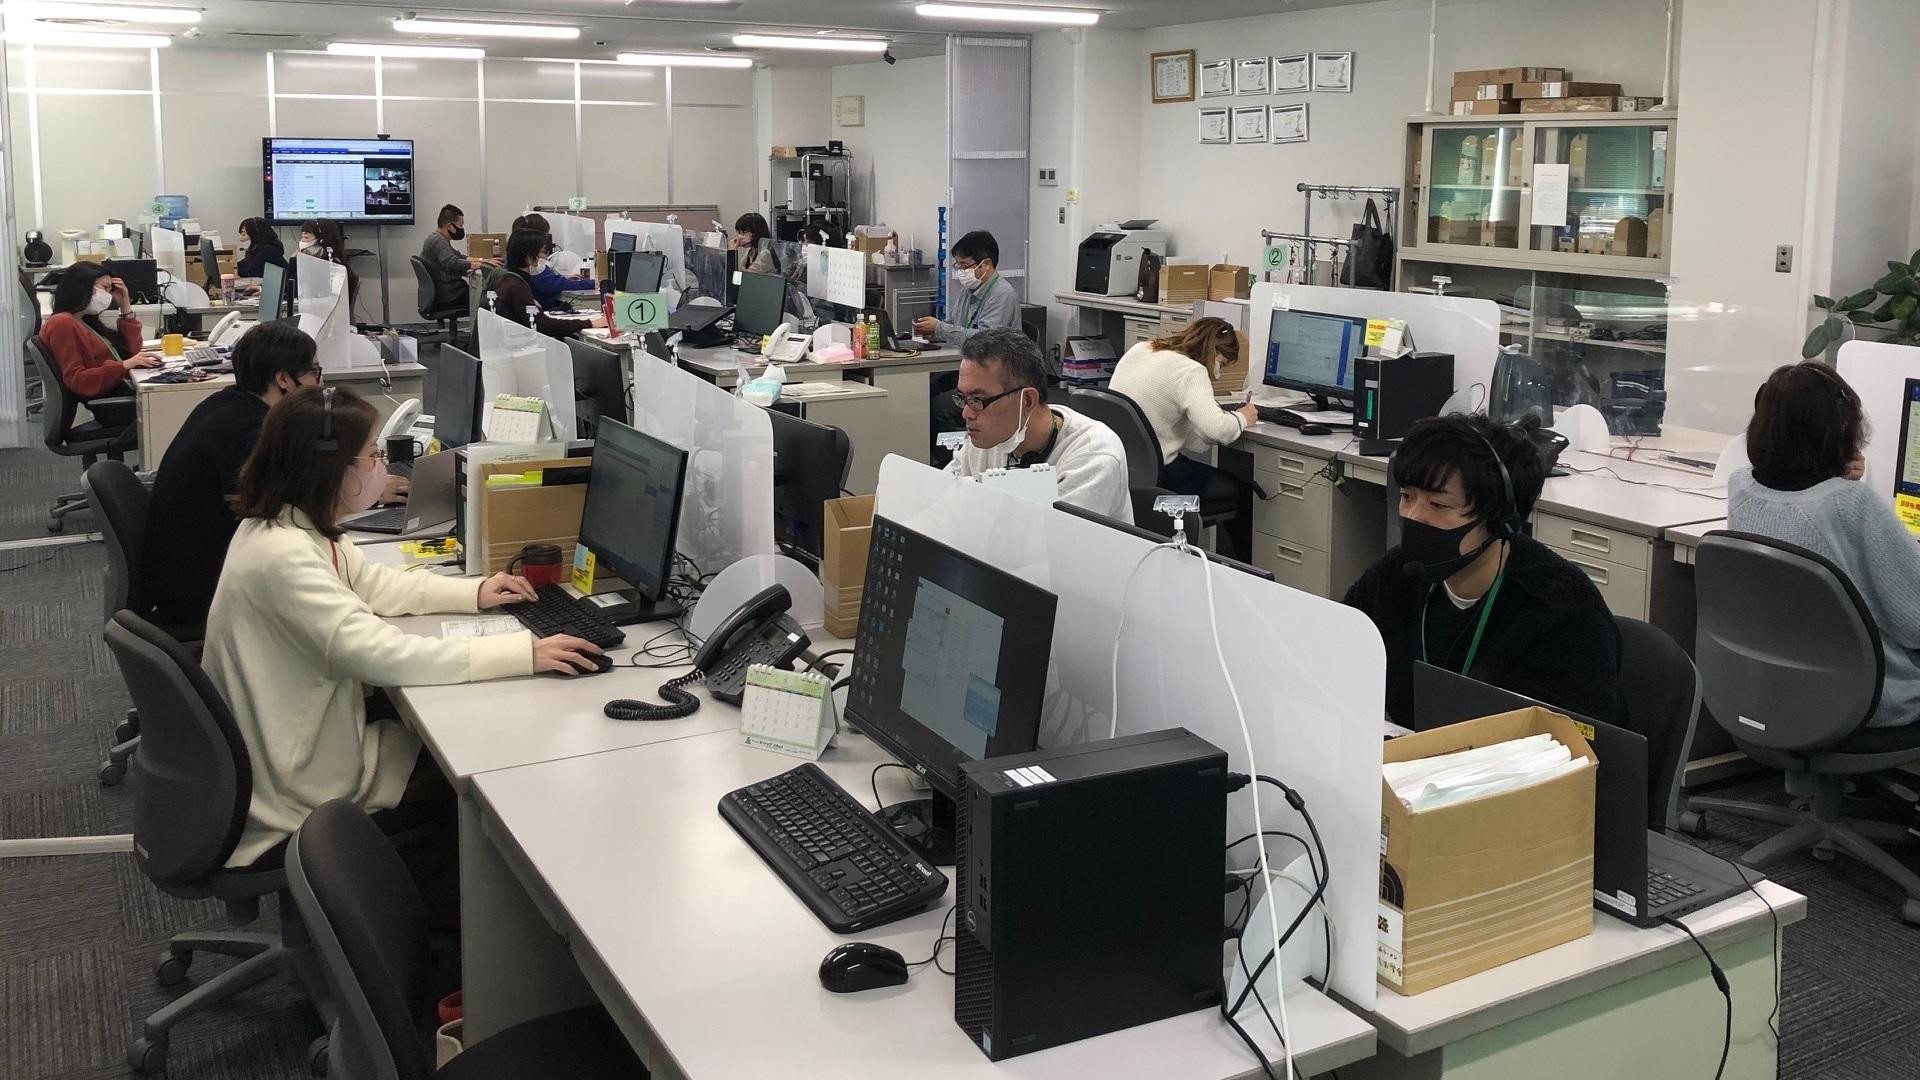 サイバー・ネット・コミュニケーションズ株式会社様 社内風景